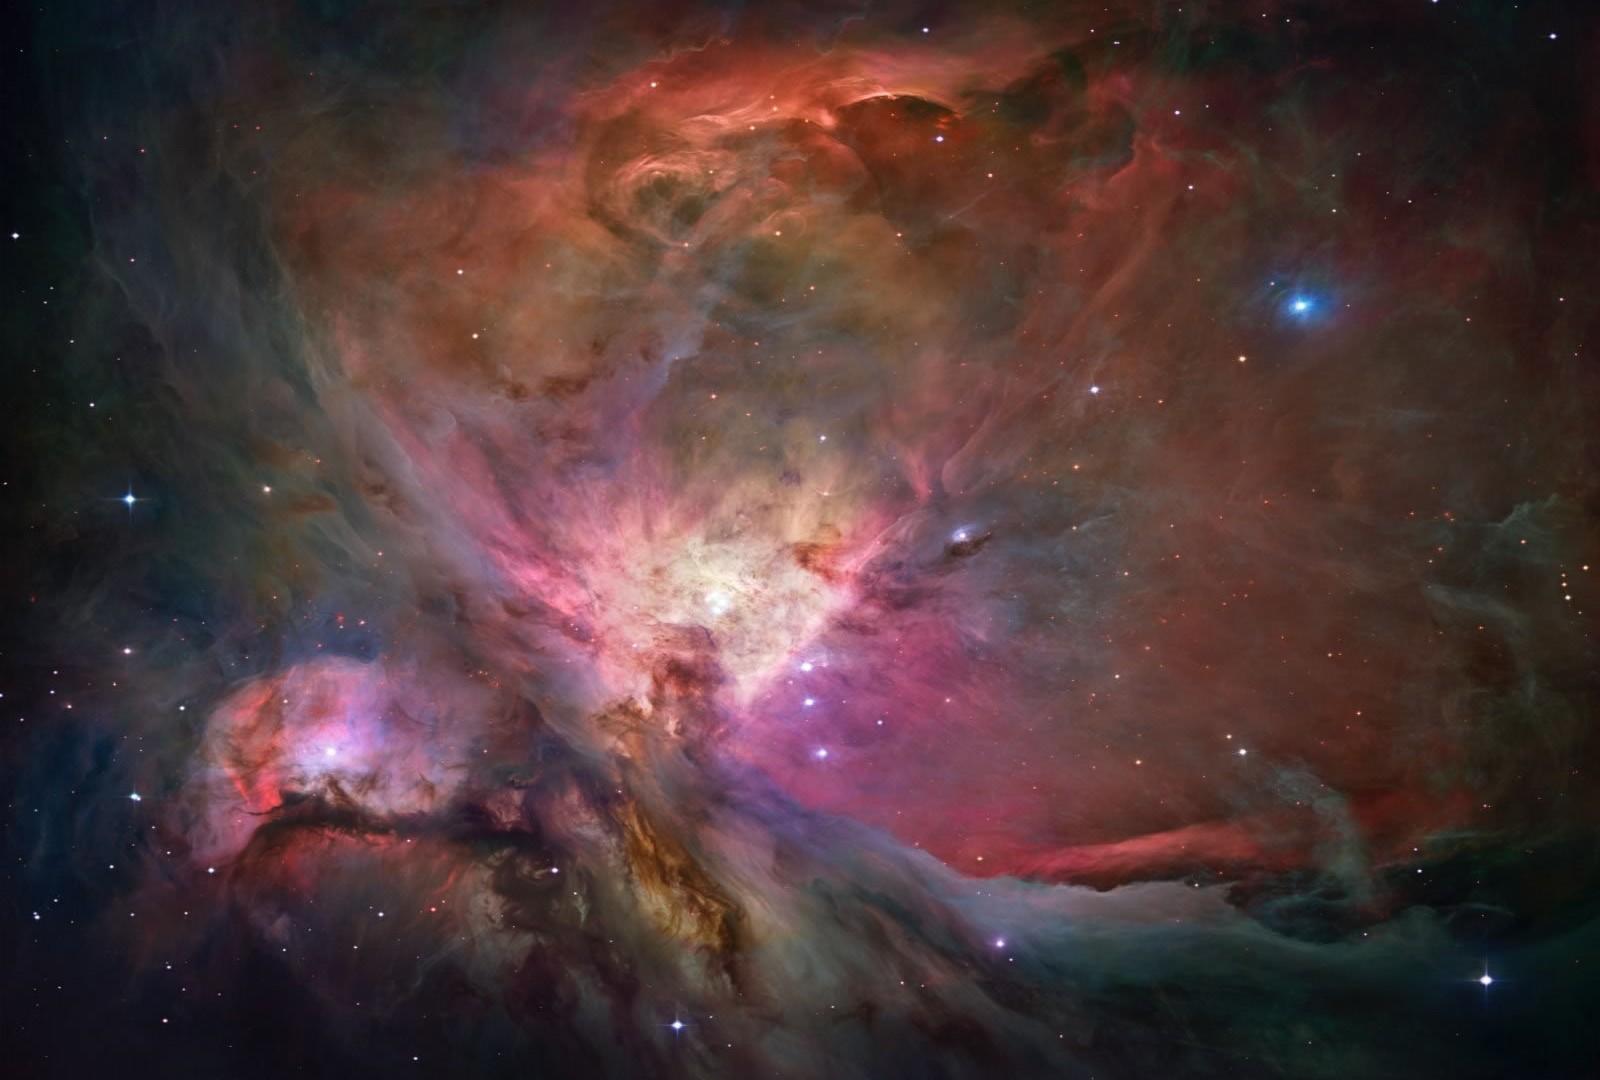 orion-nebula-hubble-2006-mosaic-1600 (1)